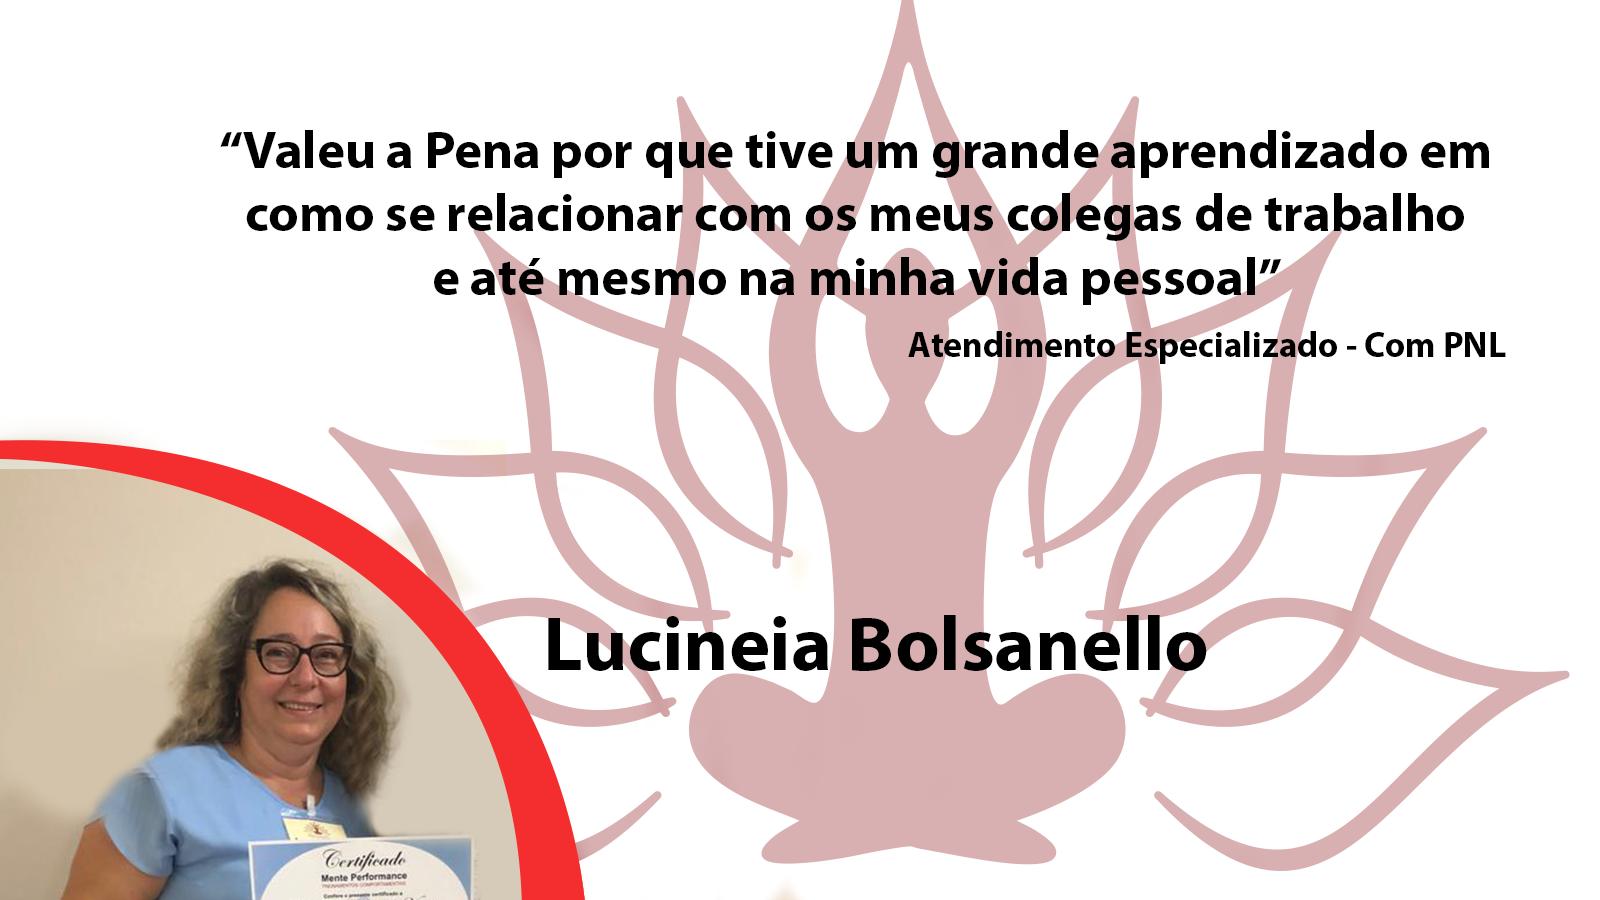 Lucineia